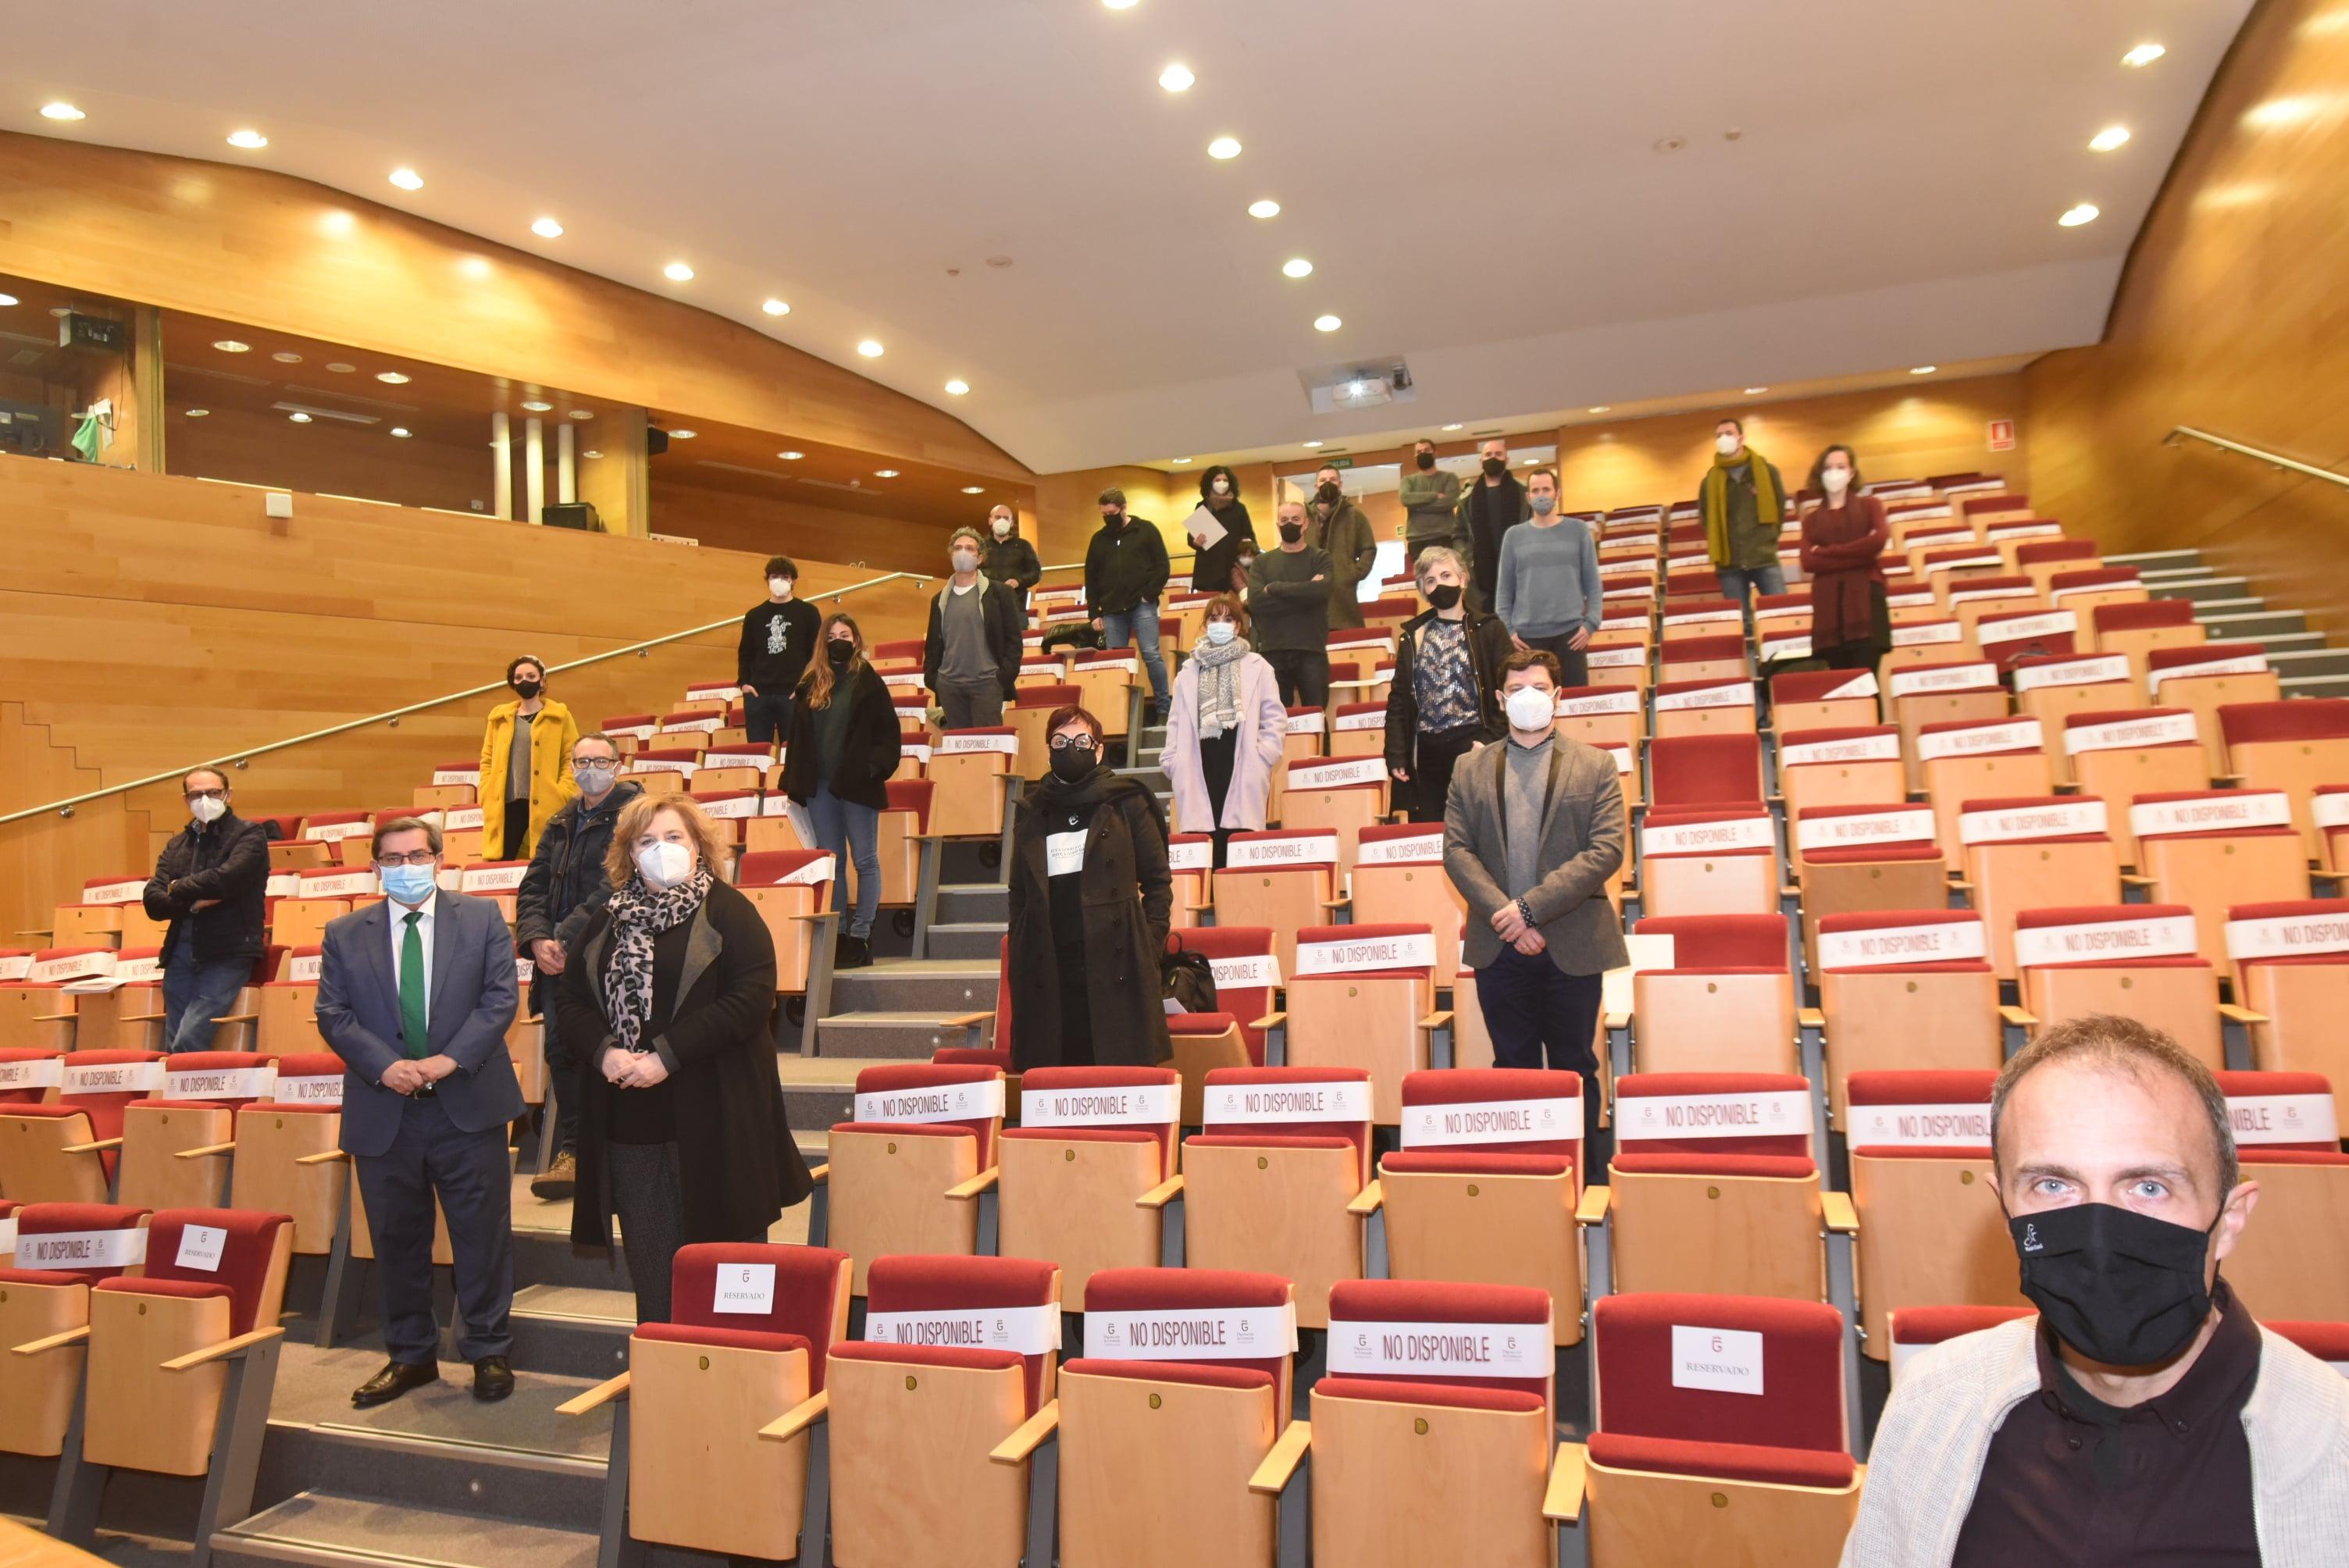 Condes de Gabia acoge una exposición de obras galardonadas en los Premios a la Creación Artística de Diputación